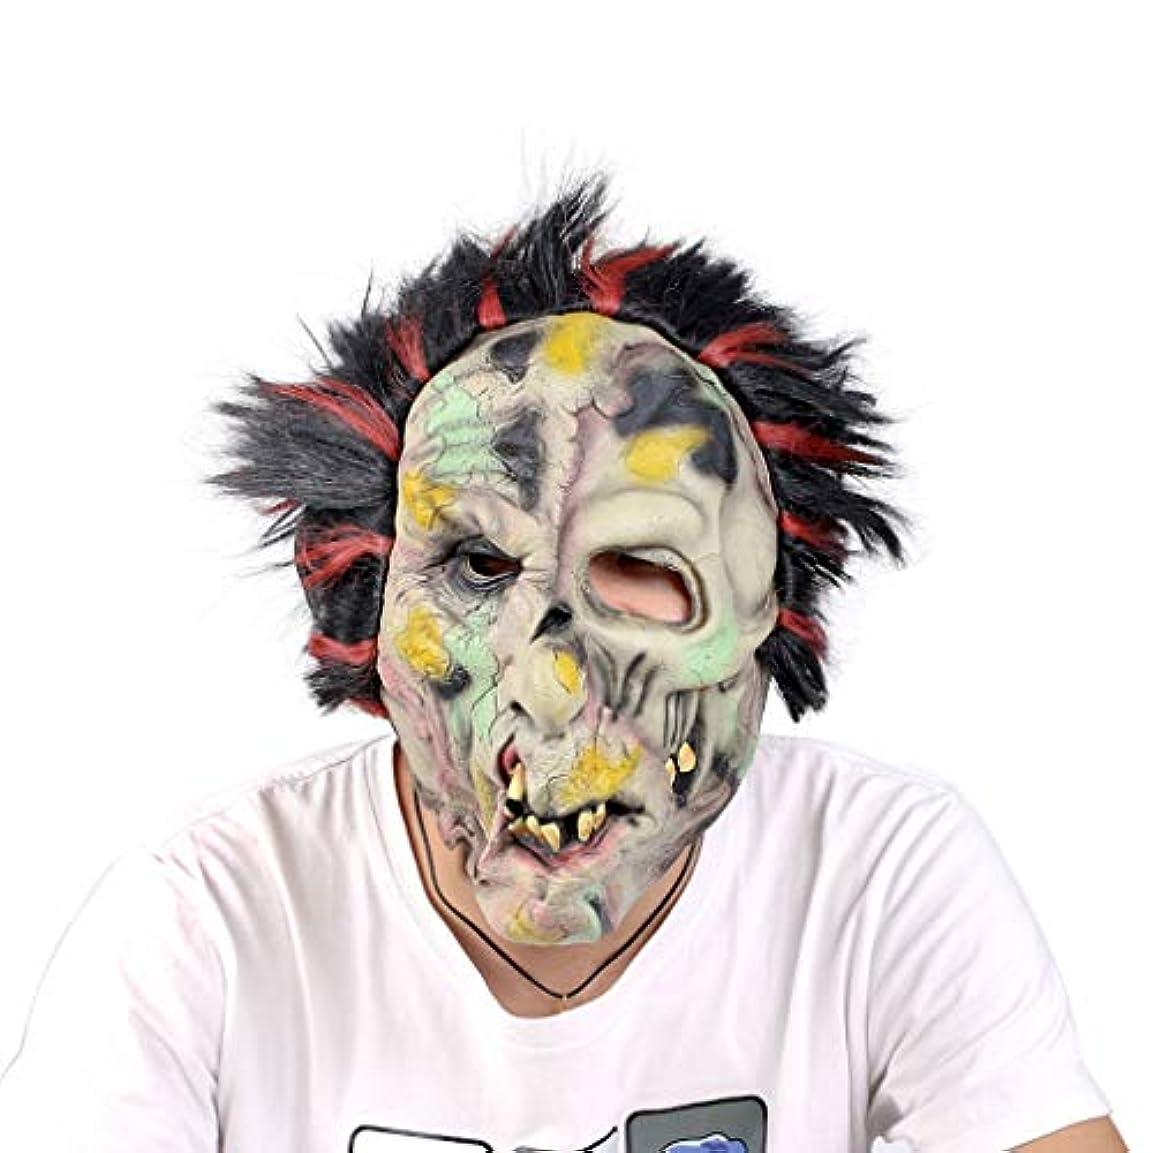 舞い上がる緯度半導体ハロウィンホラーマスクお化け屋敷秘密の部屋アレンジメントパーティー映画撮影ホラー全体の人々トリッキーな怖いマスク